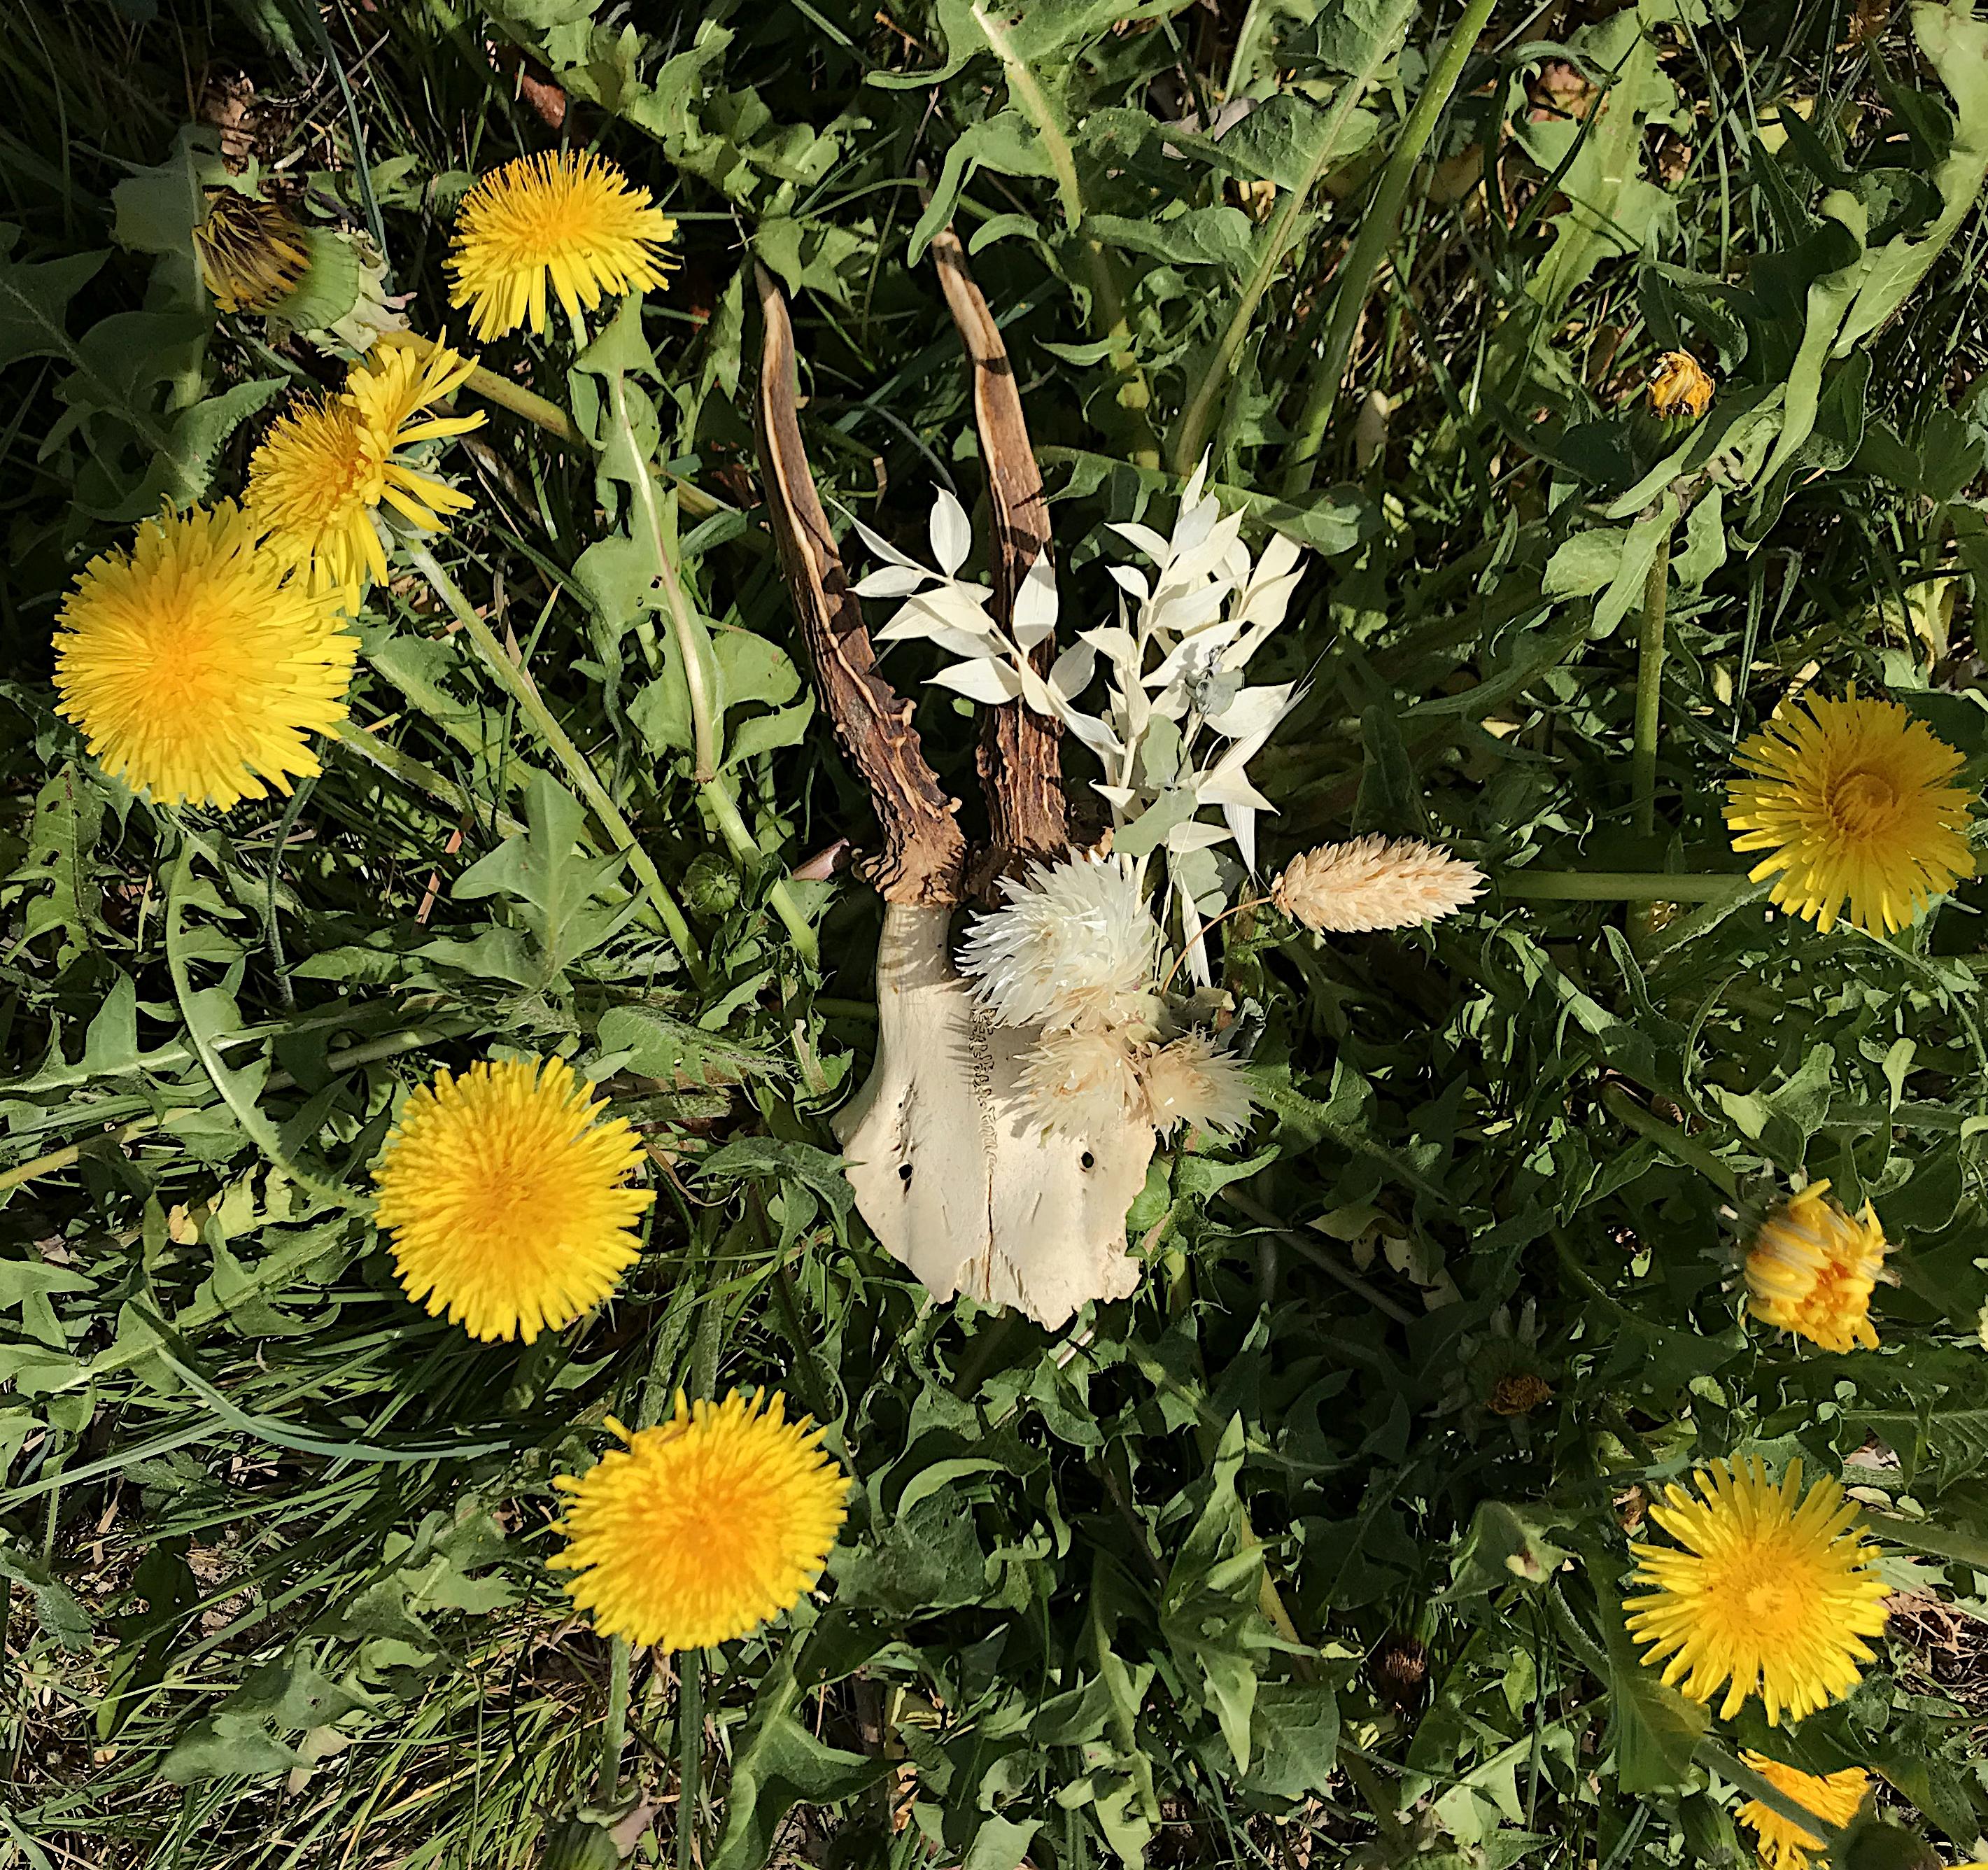 Crâne, mlam, noiram, création organique, fleurs séchées